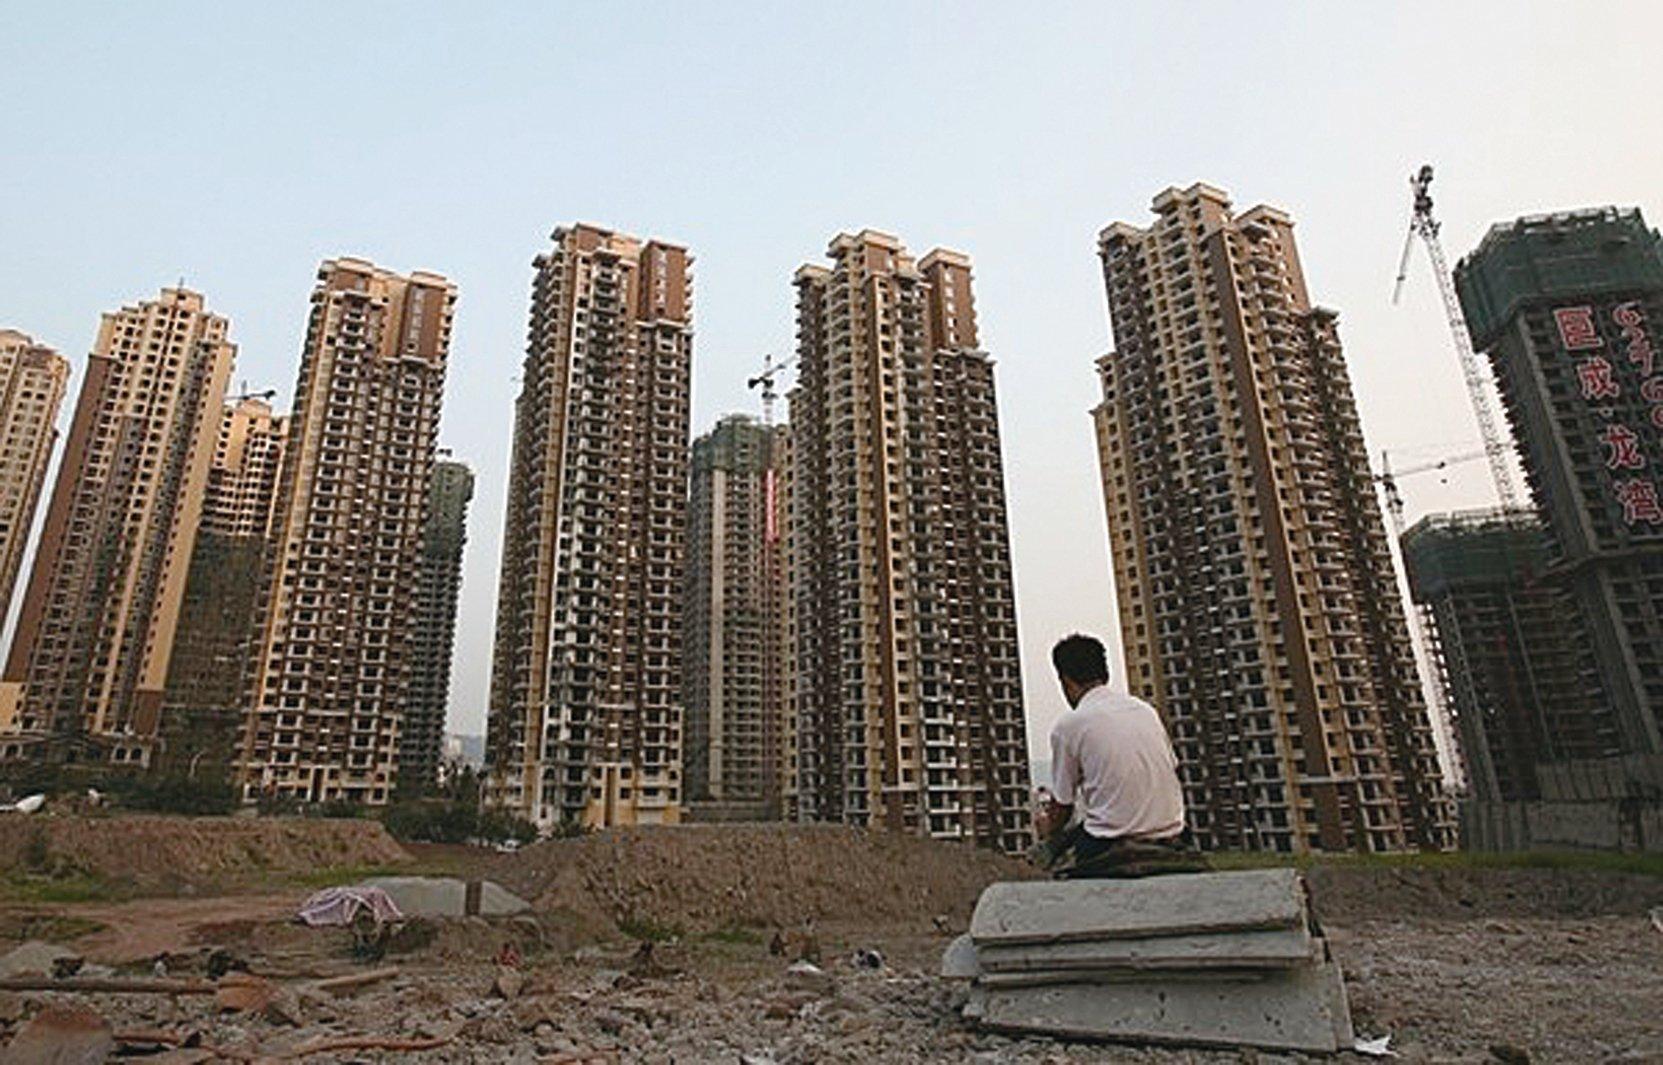 中國大陸一線城市房價飆漲。最新民間數據顯示,北京、上海和深圳的部份總價500萬元的住宅已經不能再稱之為「豪宅」。(Getty Images)